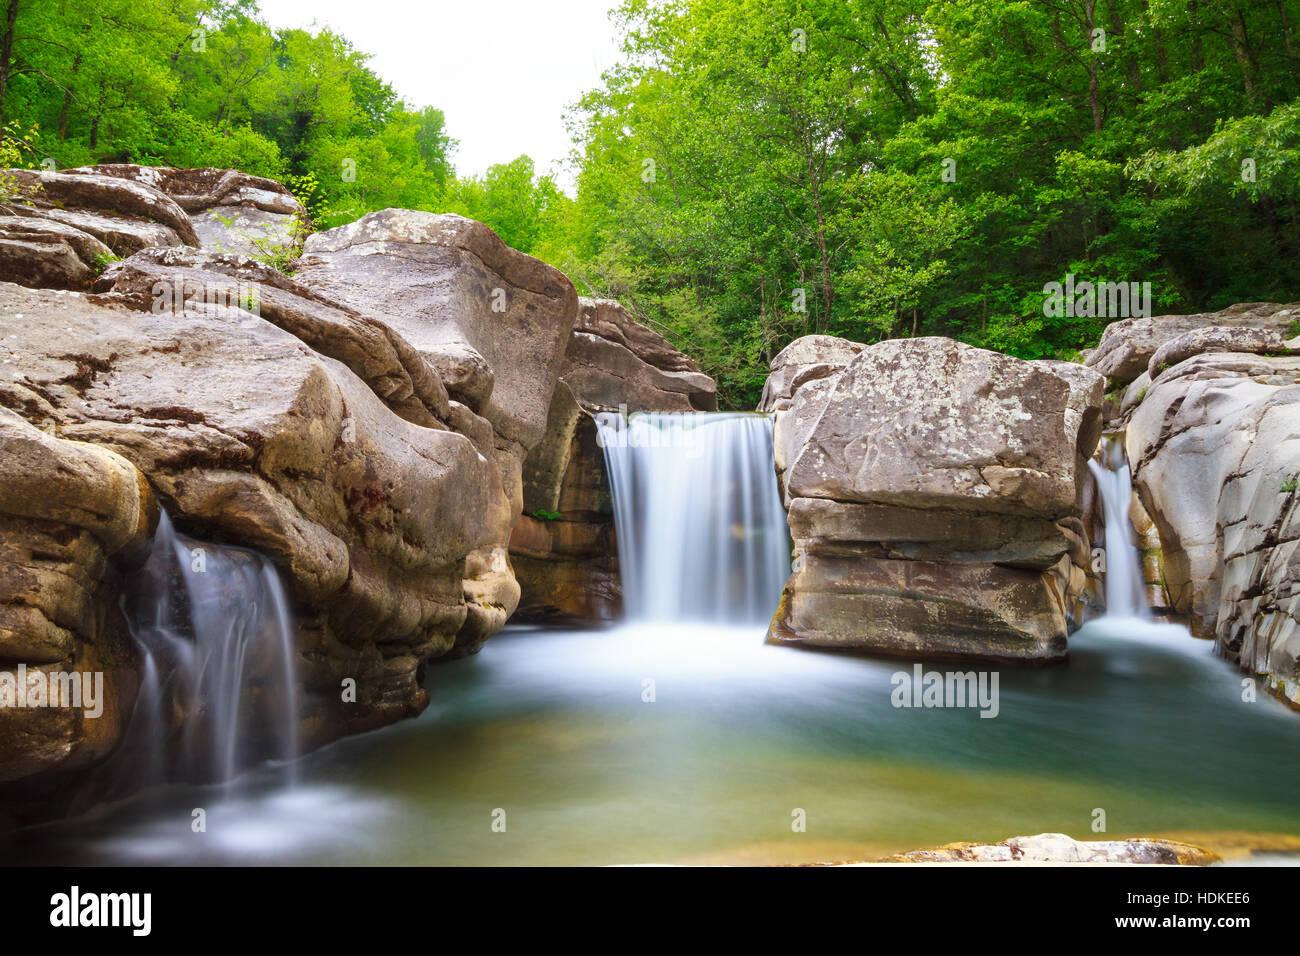 Paysage de cascade de rochers et d'arbres Photo Stock